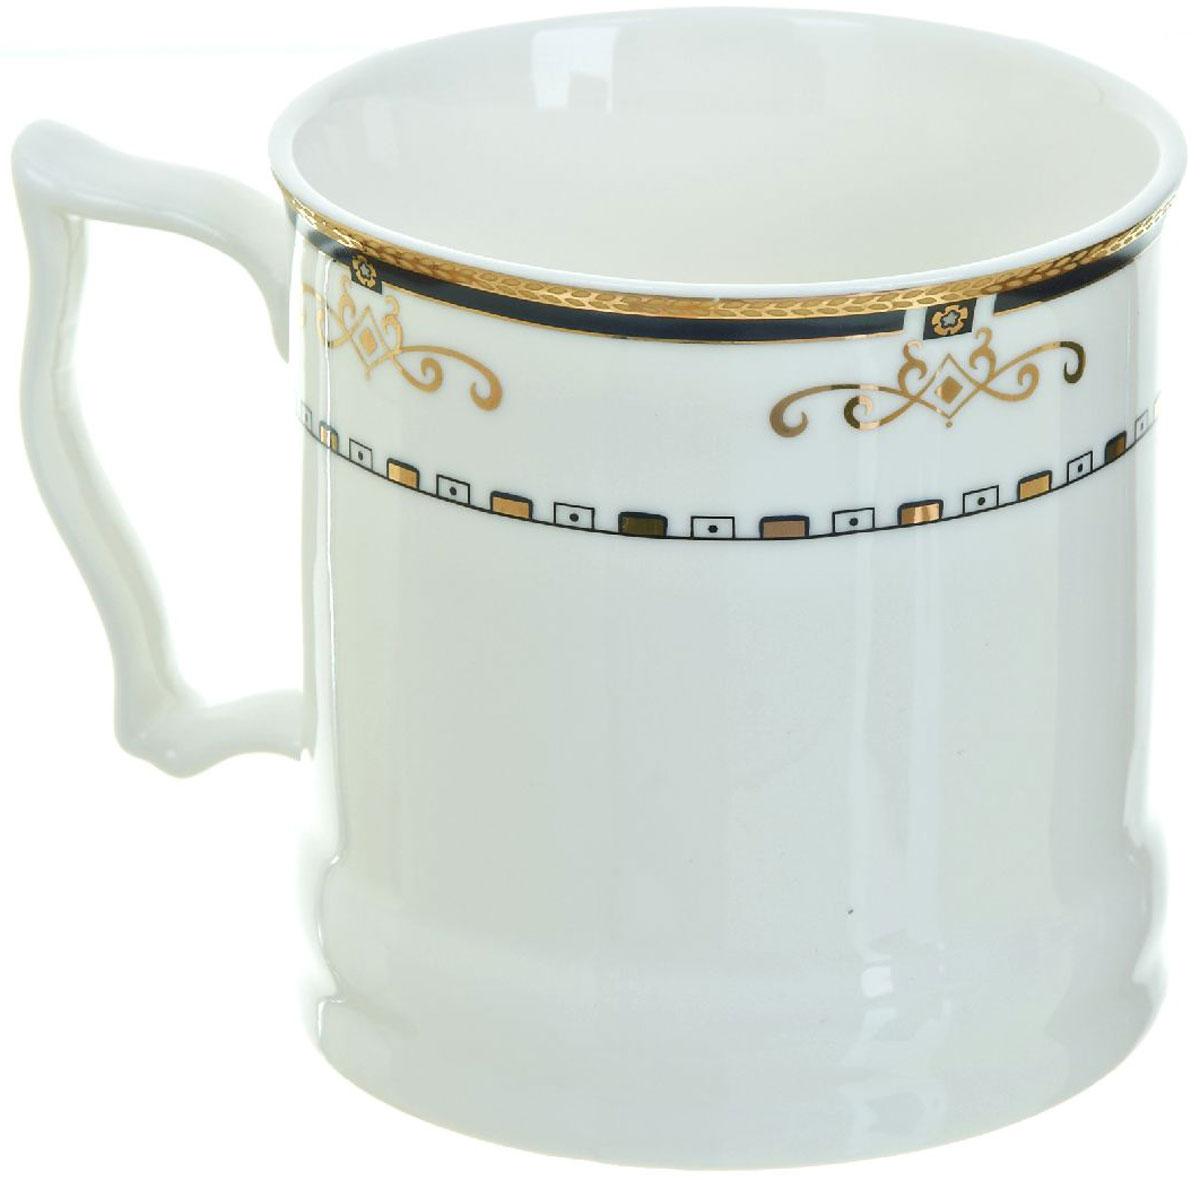 Кружка BHP Королевская кружка, 500 мл. 187000554 009312Оригинальная кружка Best Home Porcelain, выполненная из высококачественного фарфора, сочетает в себе простой, утонченный дизайн с максимальной функциональностью. Можно использовать в посудомоечной машине.